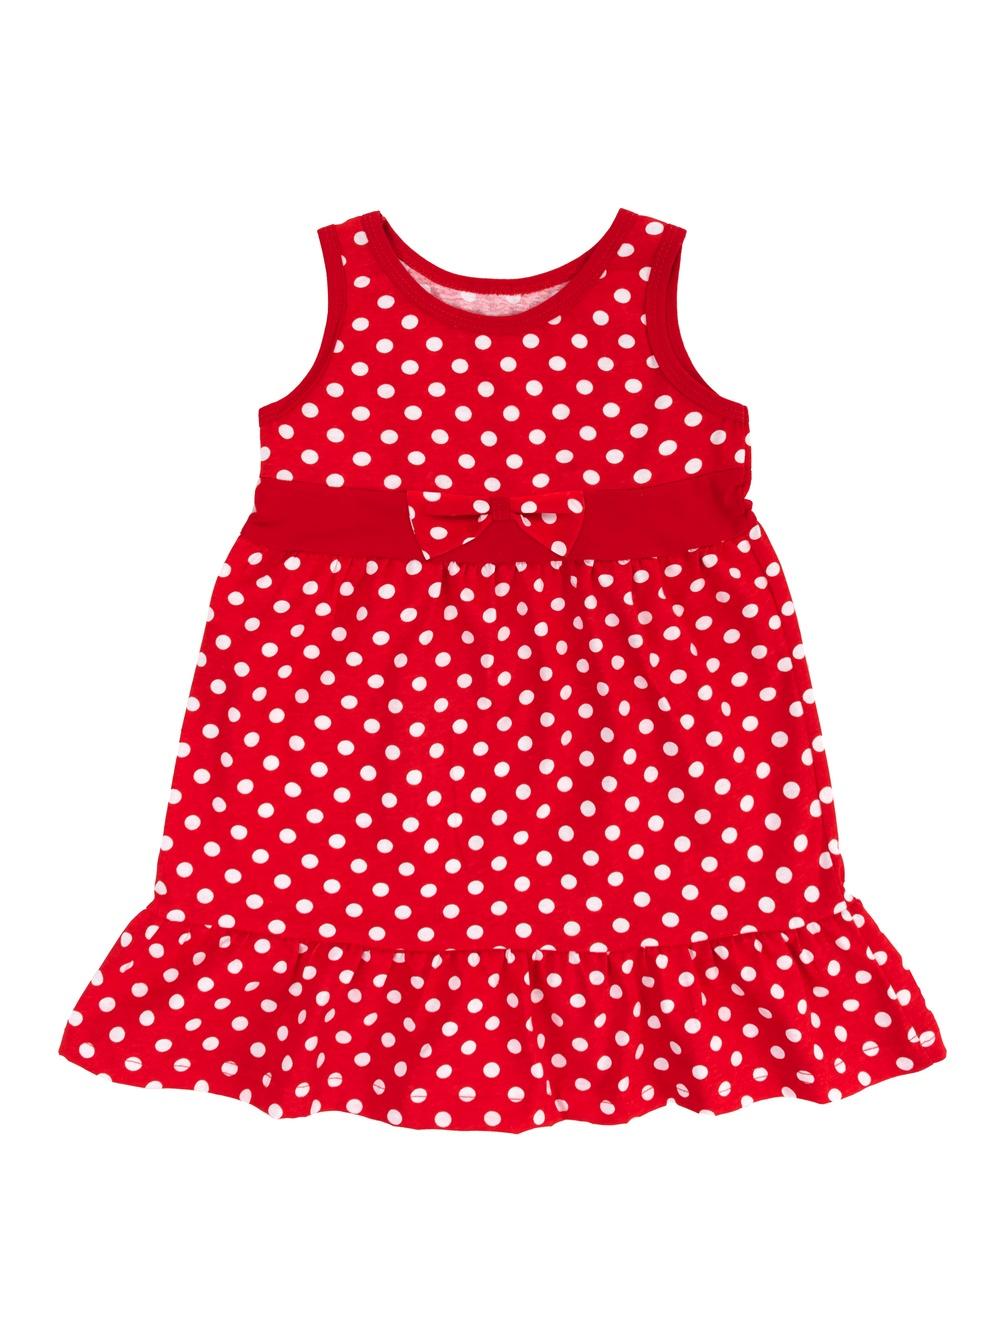 Сарафан Детская одежда сарафан klingel цвет синий белый горошек